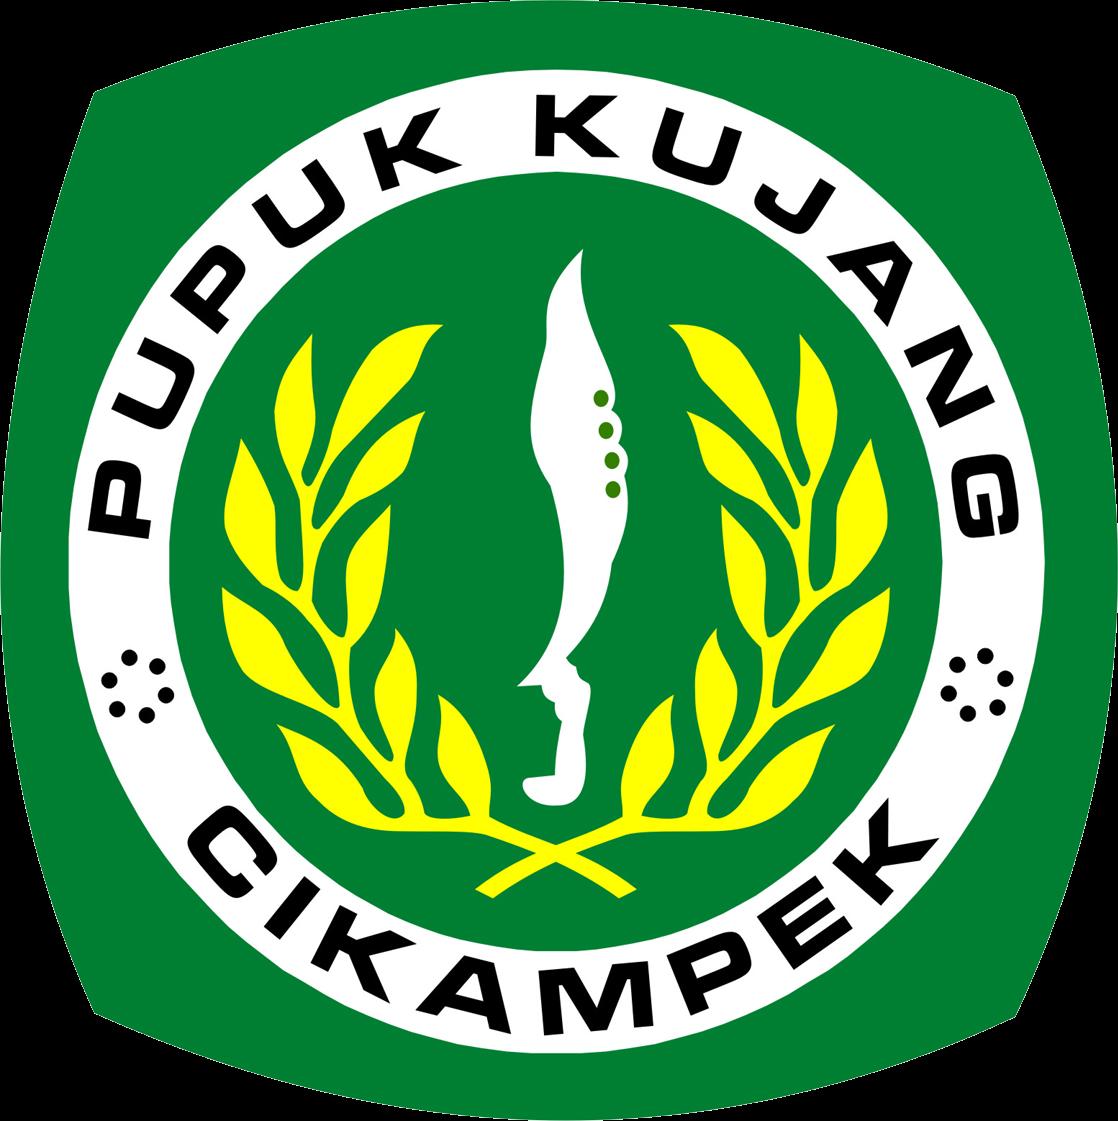 Pupuk Kujang Cikampek